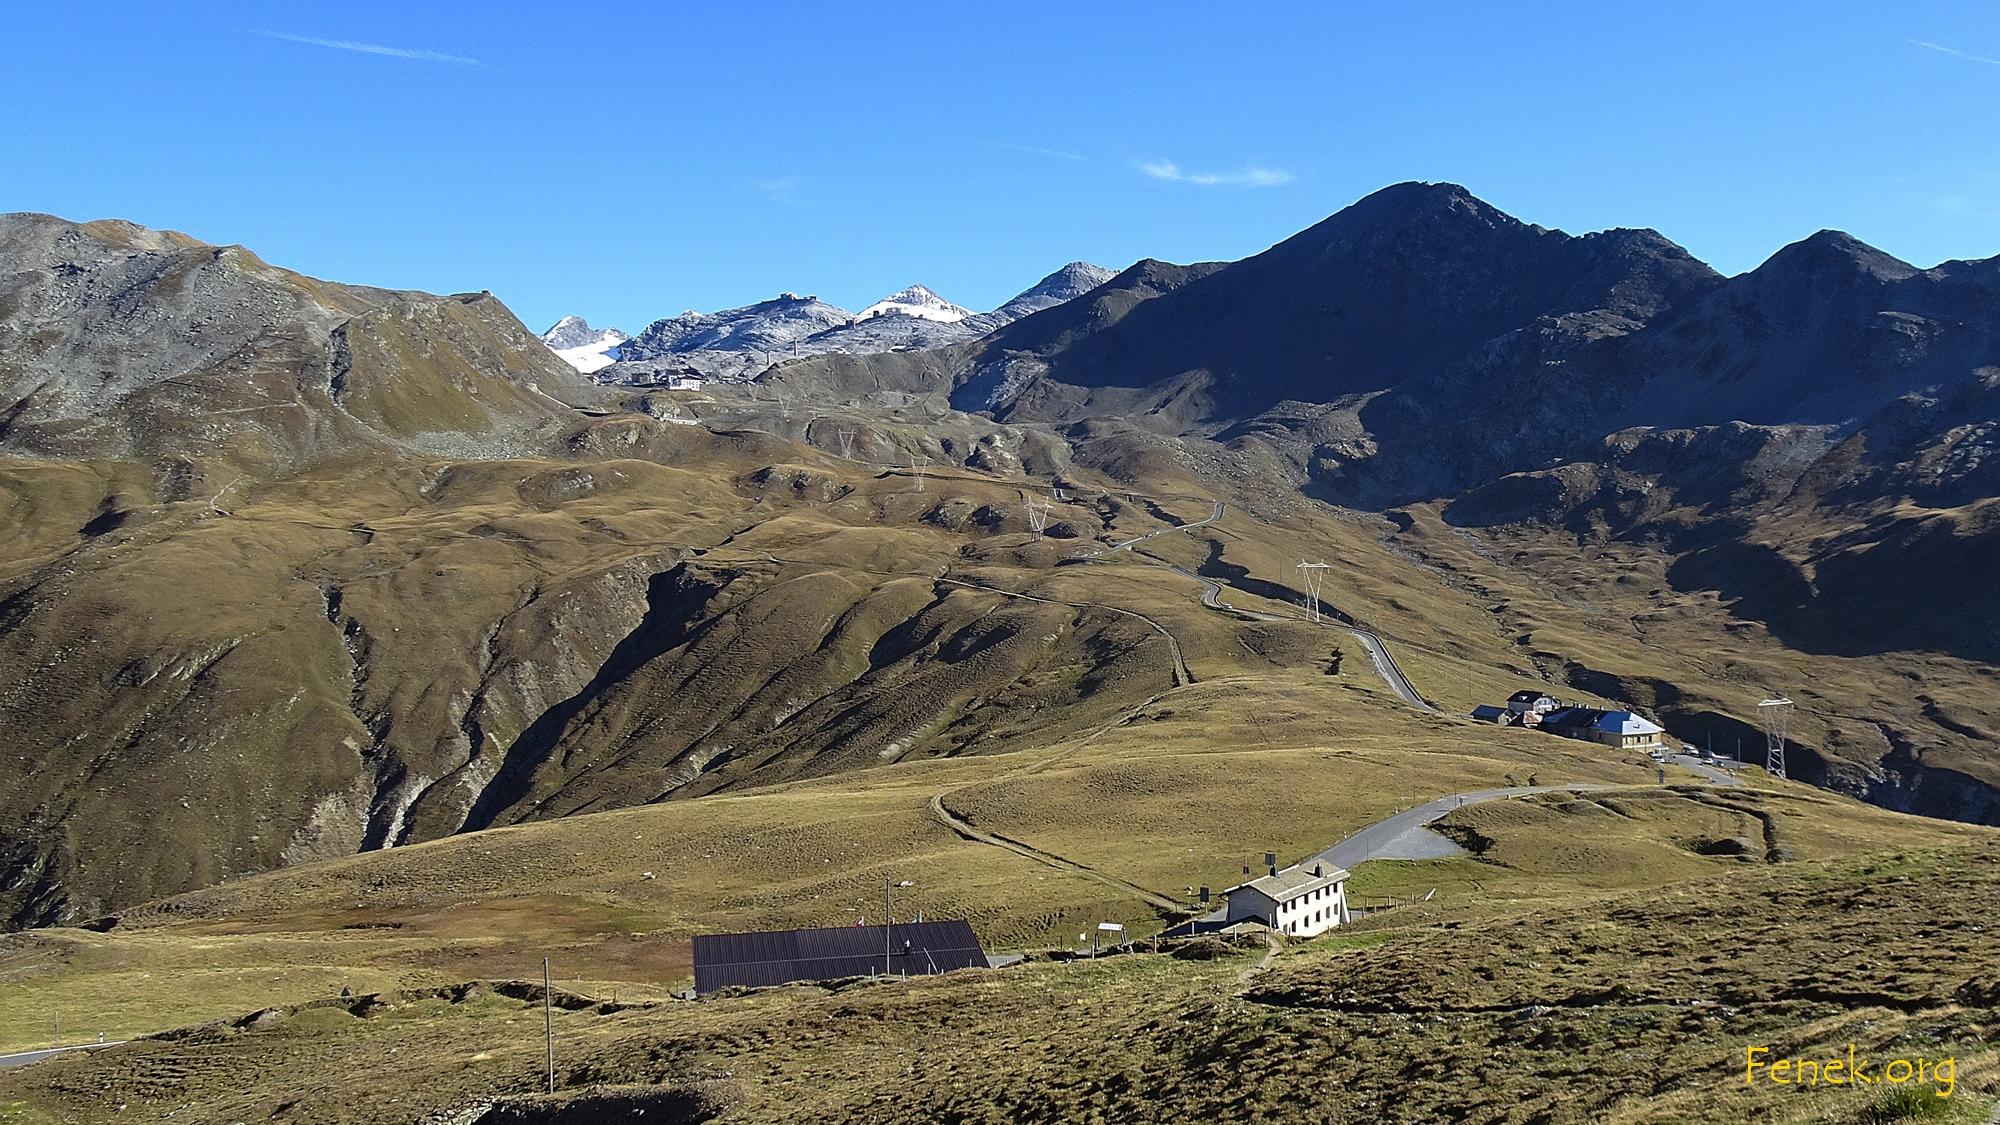 bereits auf dem Weg Richtung Piz Umbrail - der dunkle rechts ist Monte Scorluzzo den ich am nächsten Tag besteige